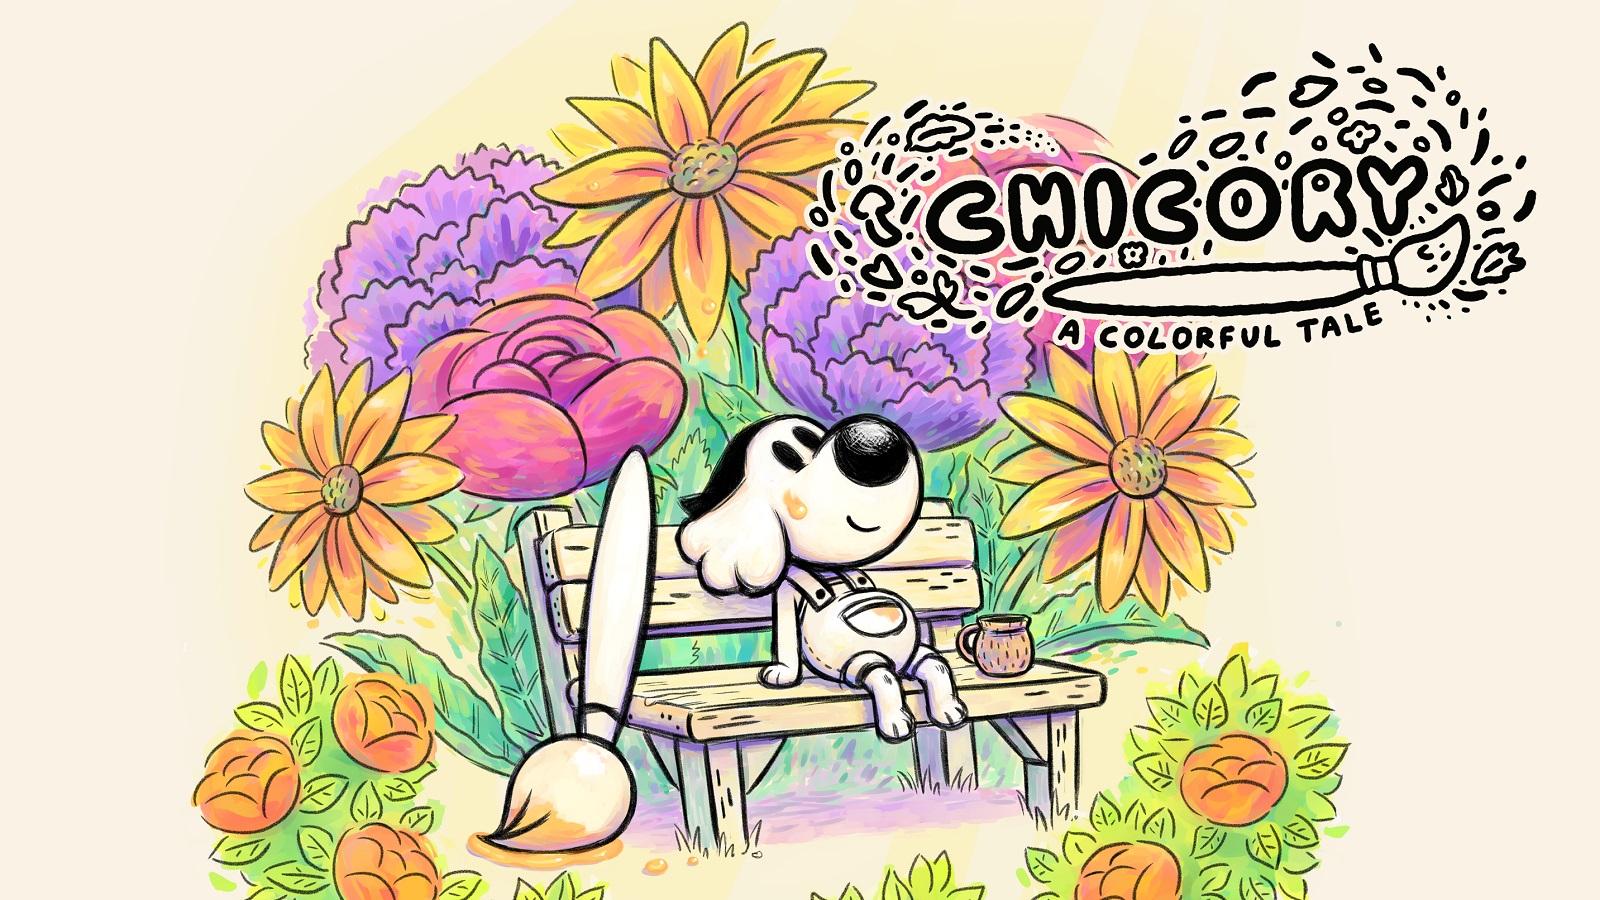 Приключение-раскраска Chicory: A Colorful Tale выйдет на ПК и консолях PlayStation в этом году